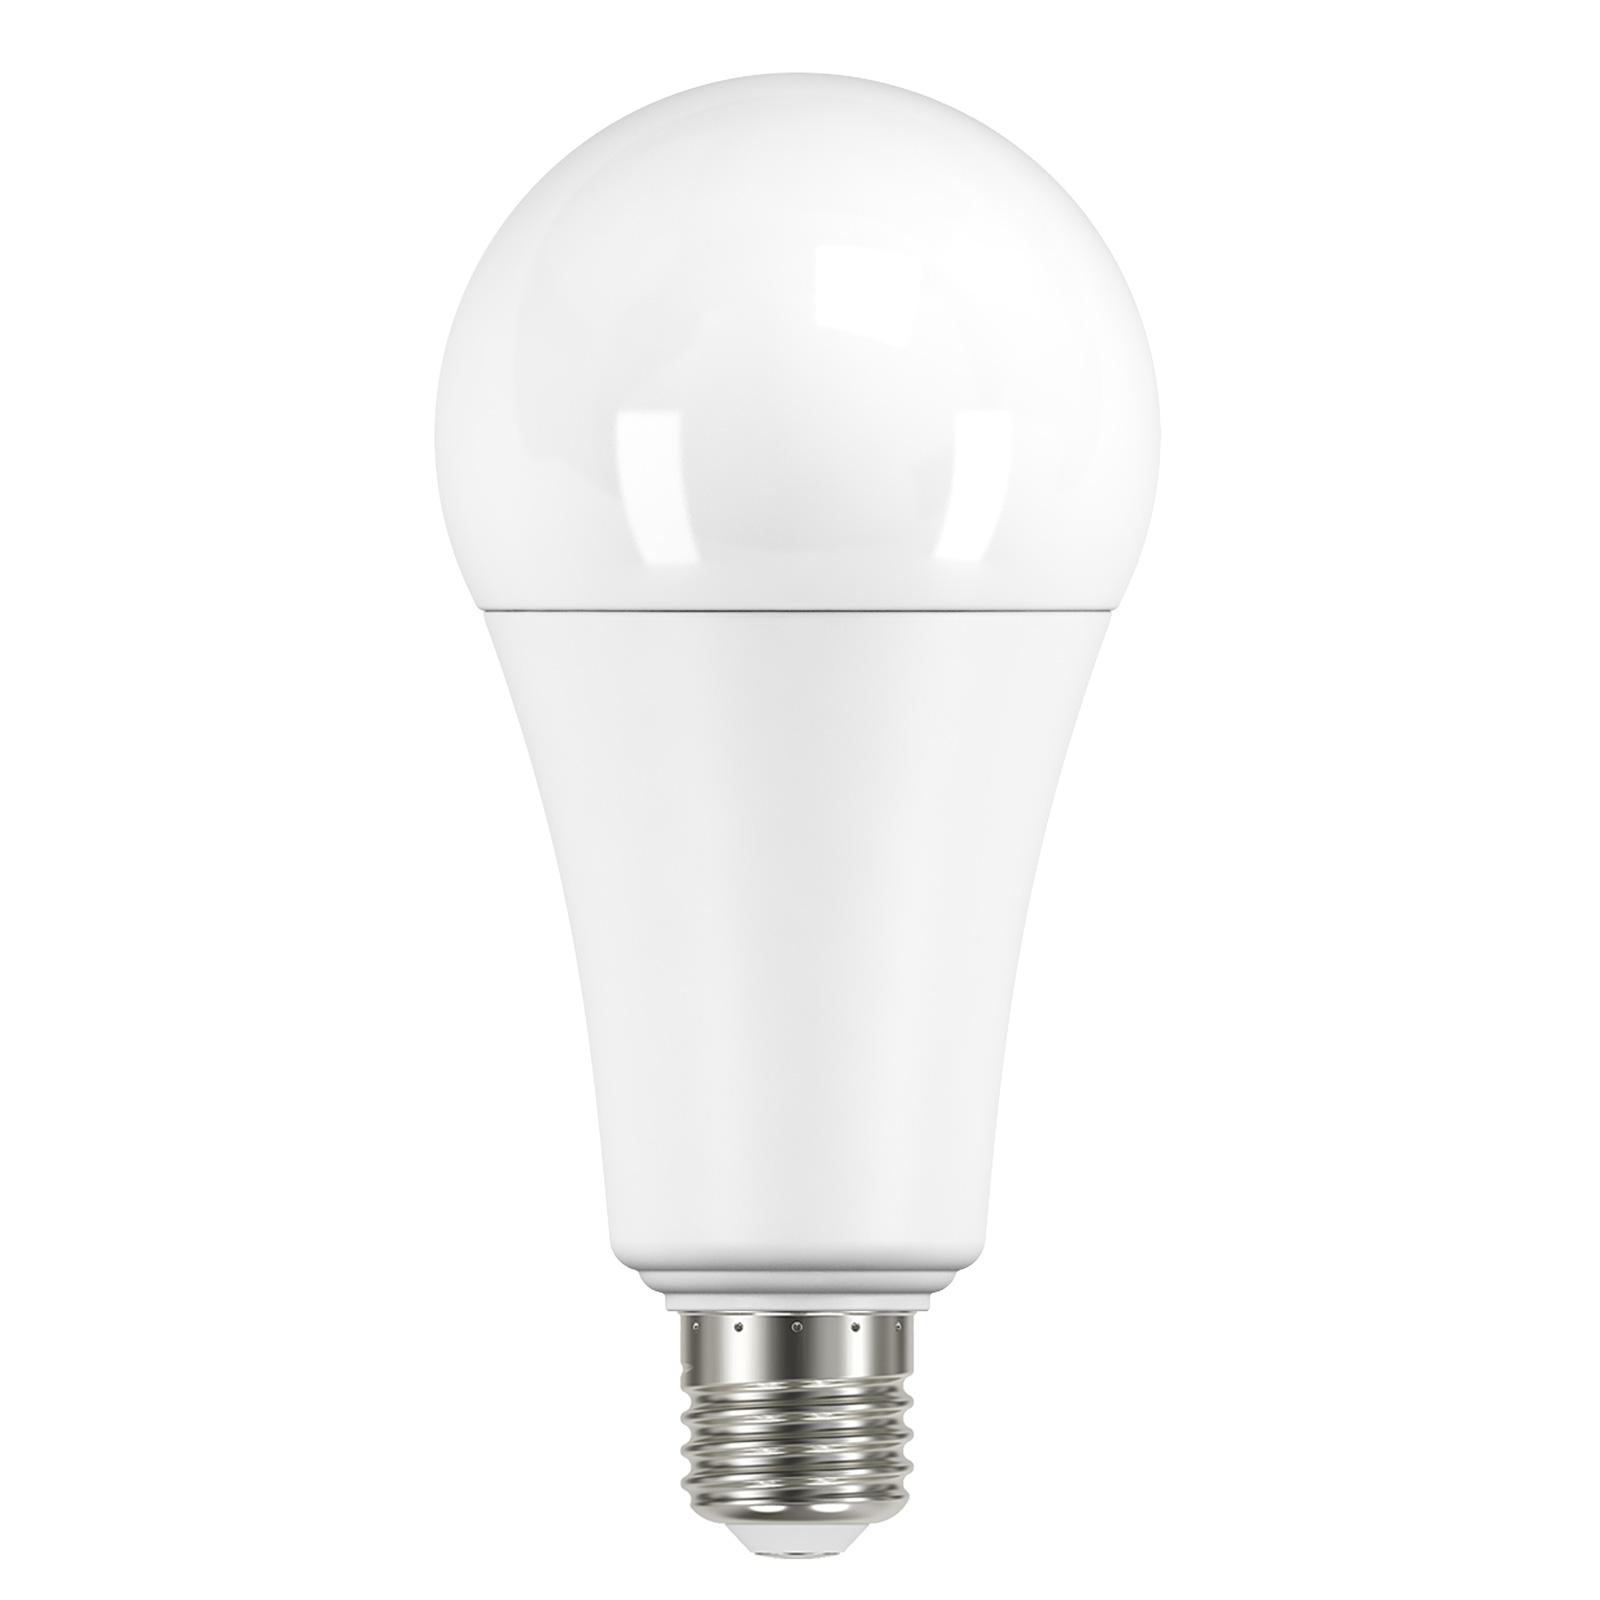 LED E27 ToLED A60 20W opale, bianco caldo